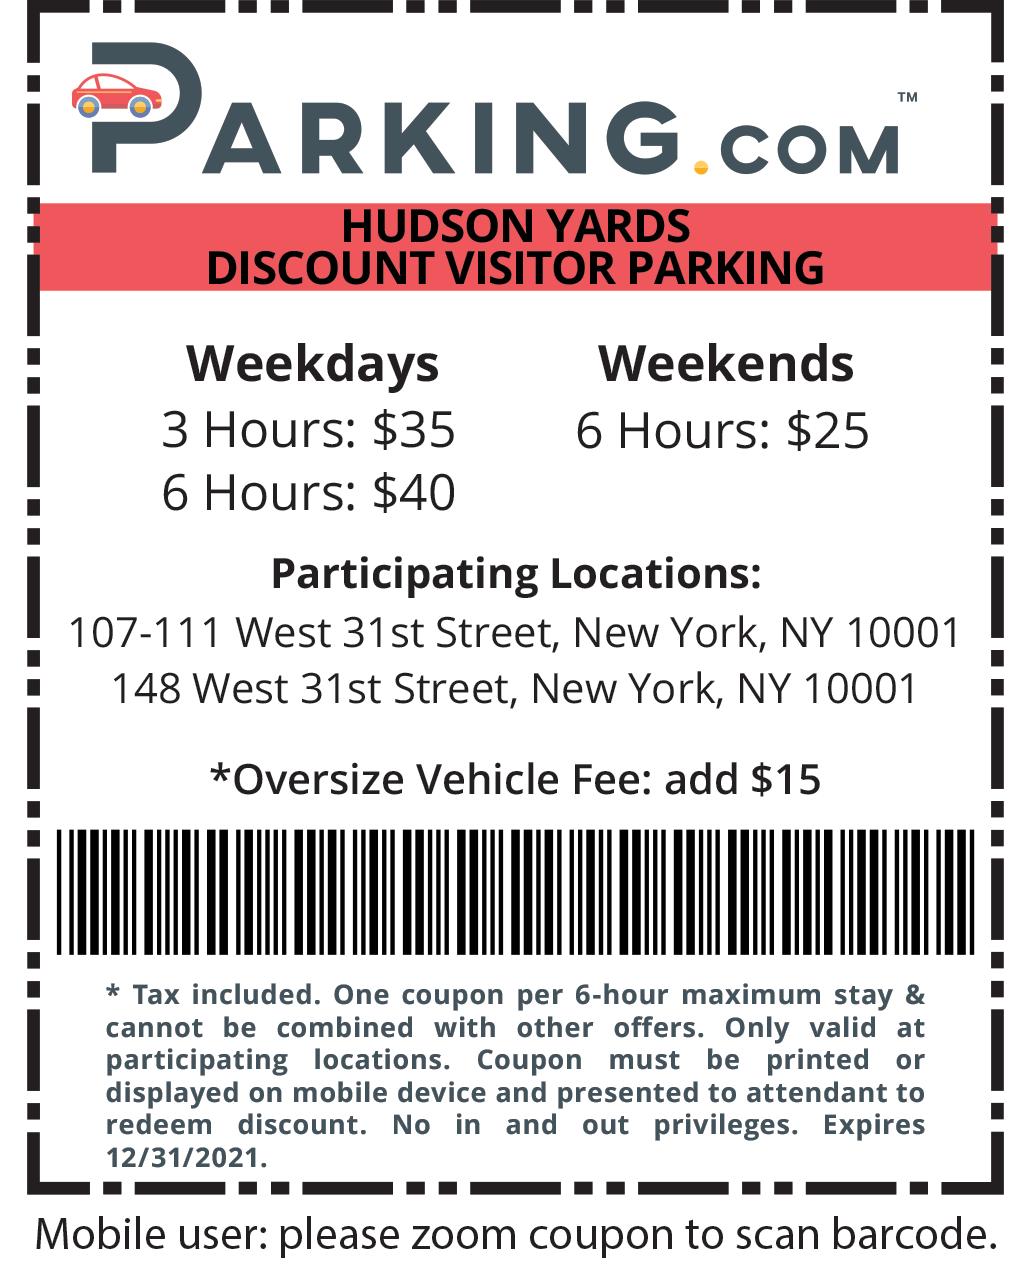 hudson yards visitor parking coupon